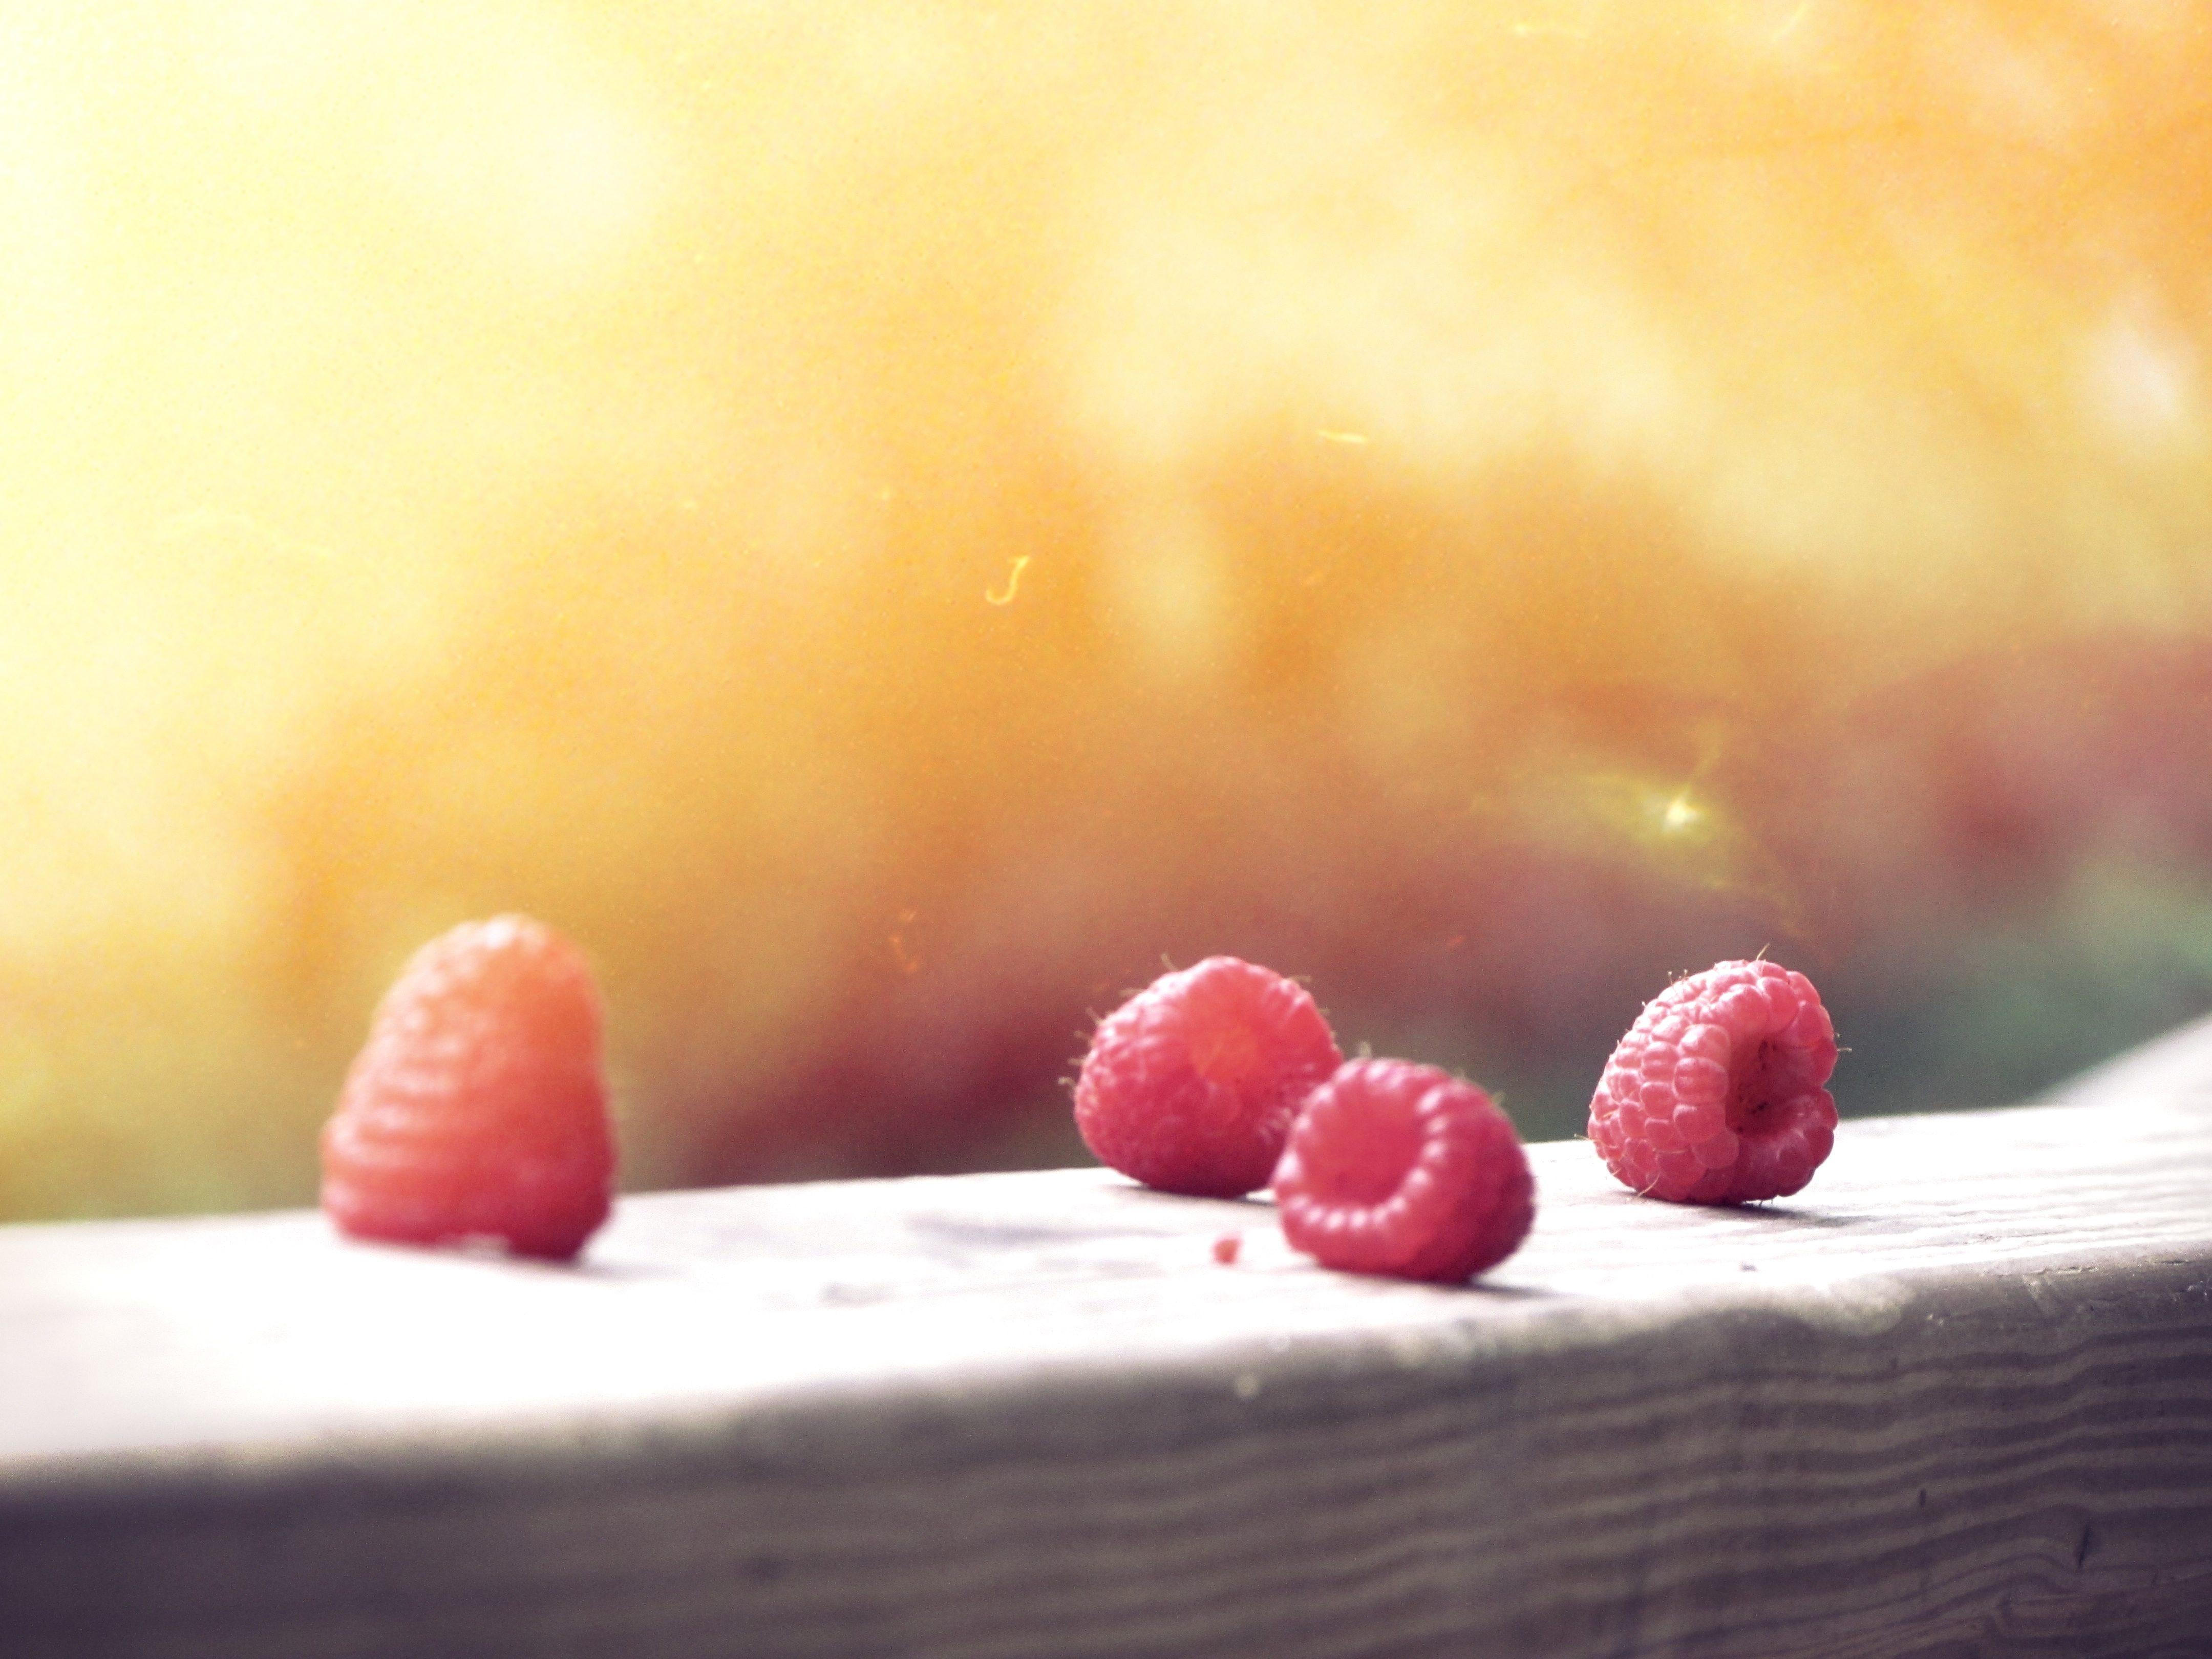 bleuets, bois, fruits, Sun, luminosité - Fonds d'écran HD - Professor-falken.com